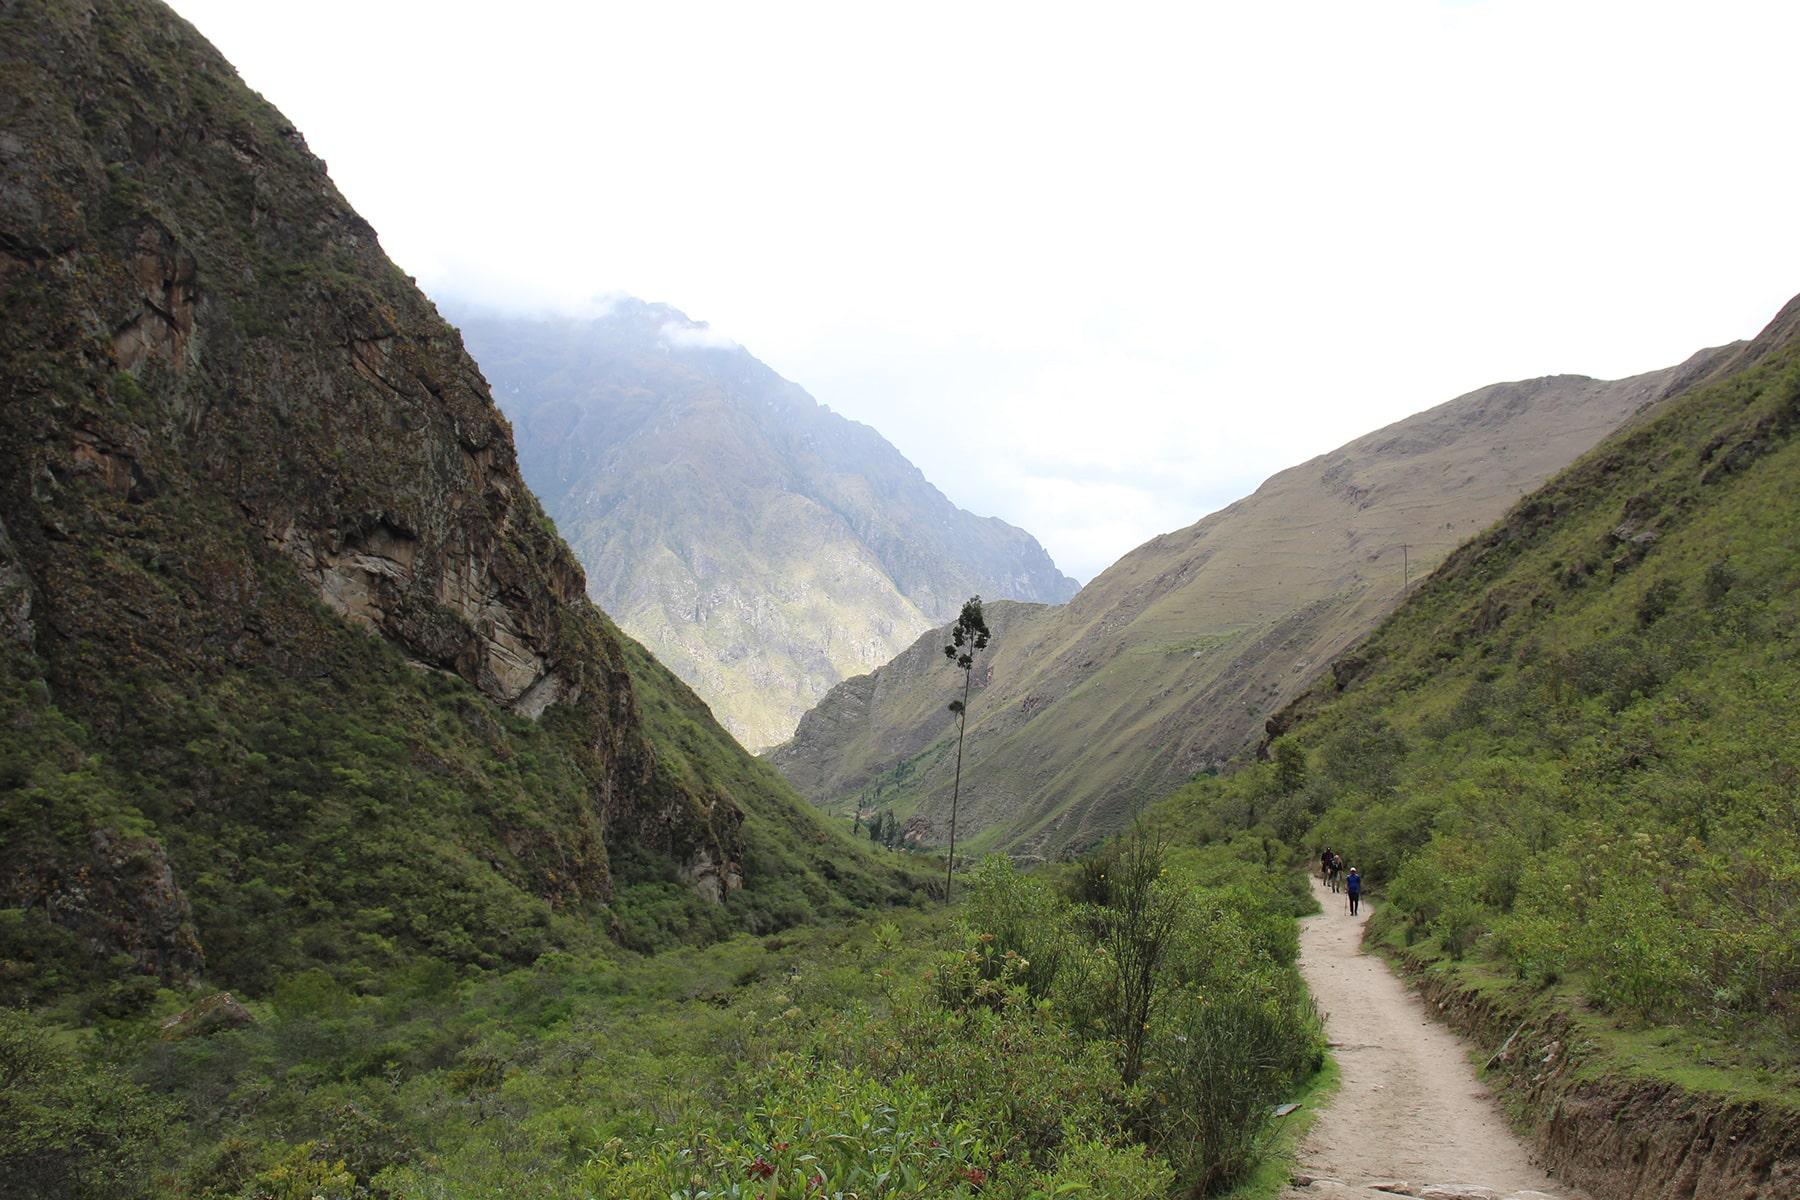 La strada verso l'accampamento, giorno 1, inca trail